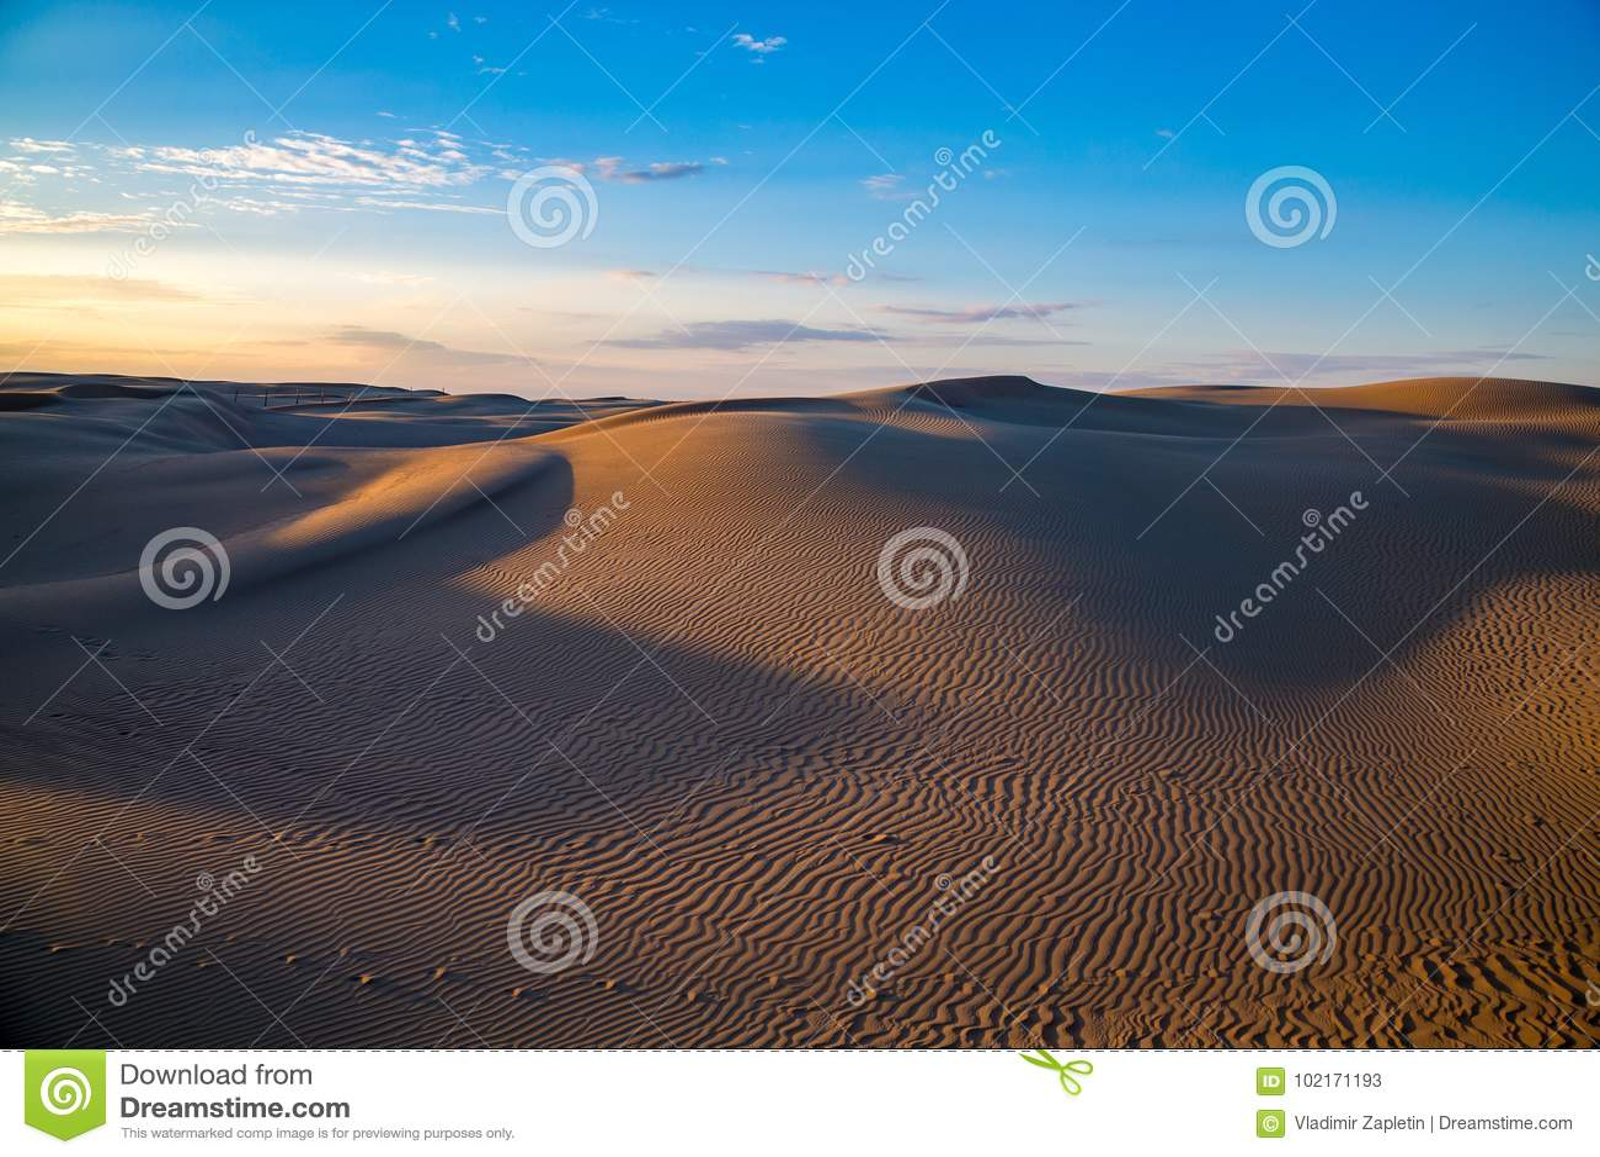 Paisaje hermoso natural del desierto, dunas de arena en fondo azul del cielo de la tarde